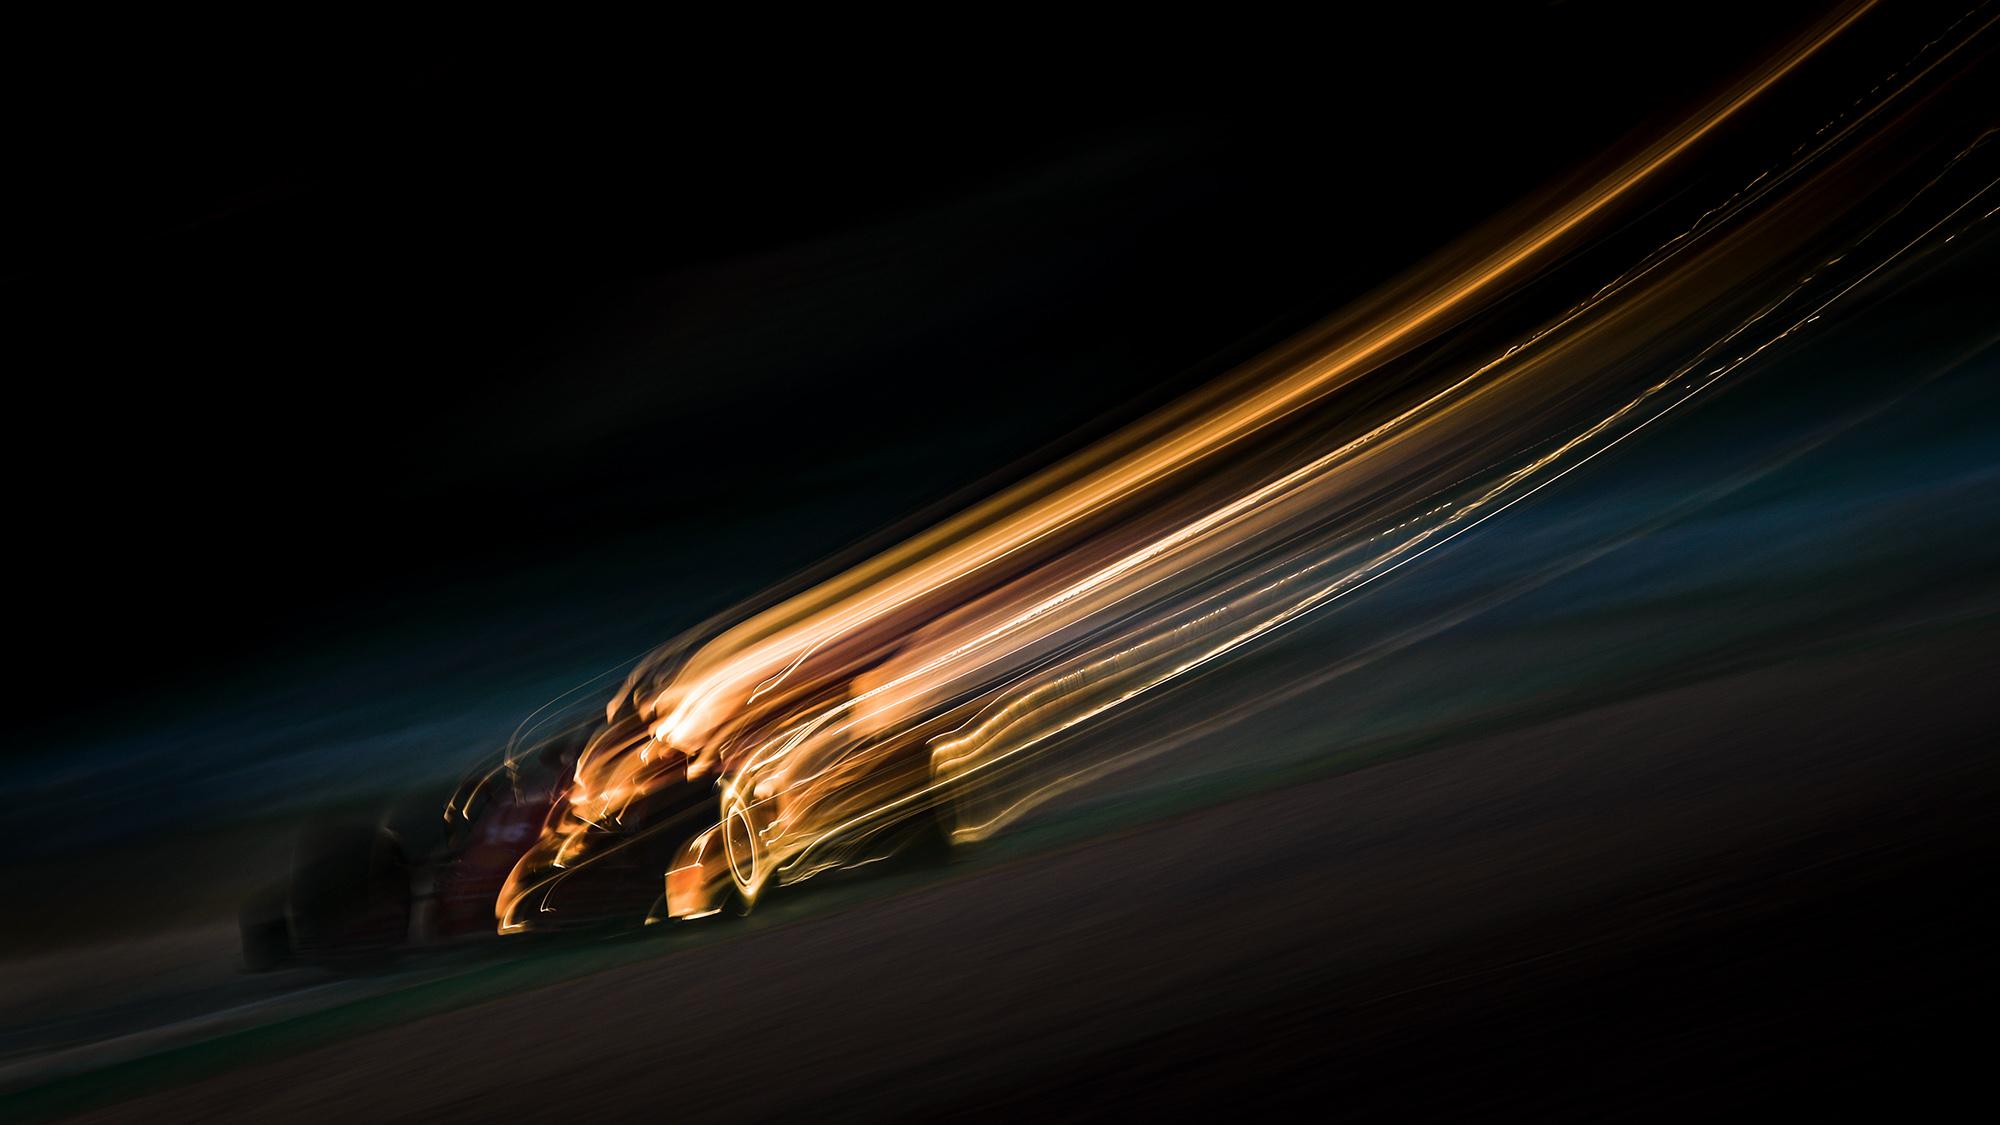 Blurred image of Charles Leclercs Ferrari during 2020 Formula 1 preseason testing